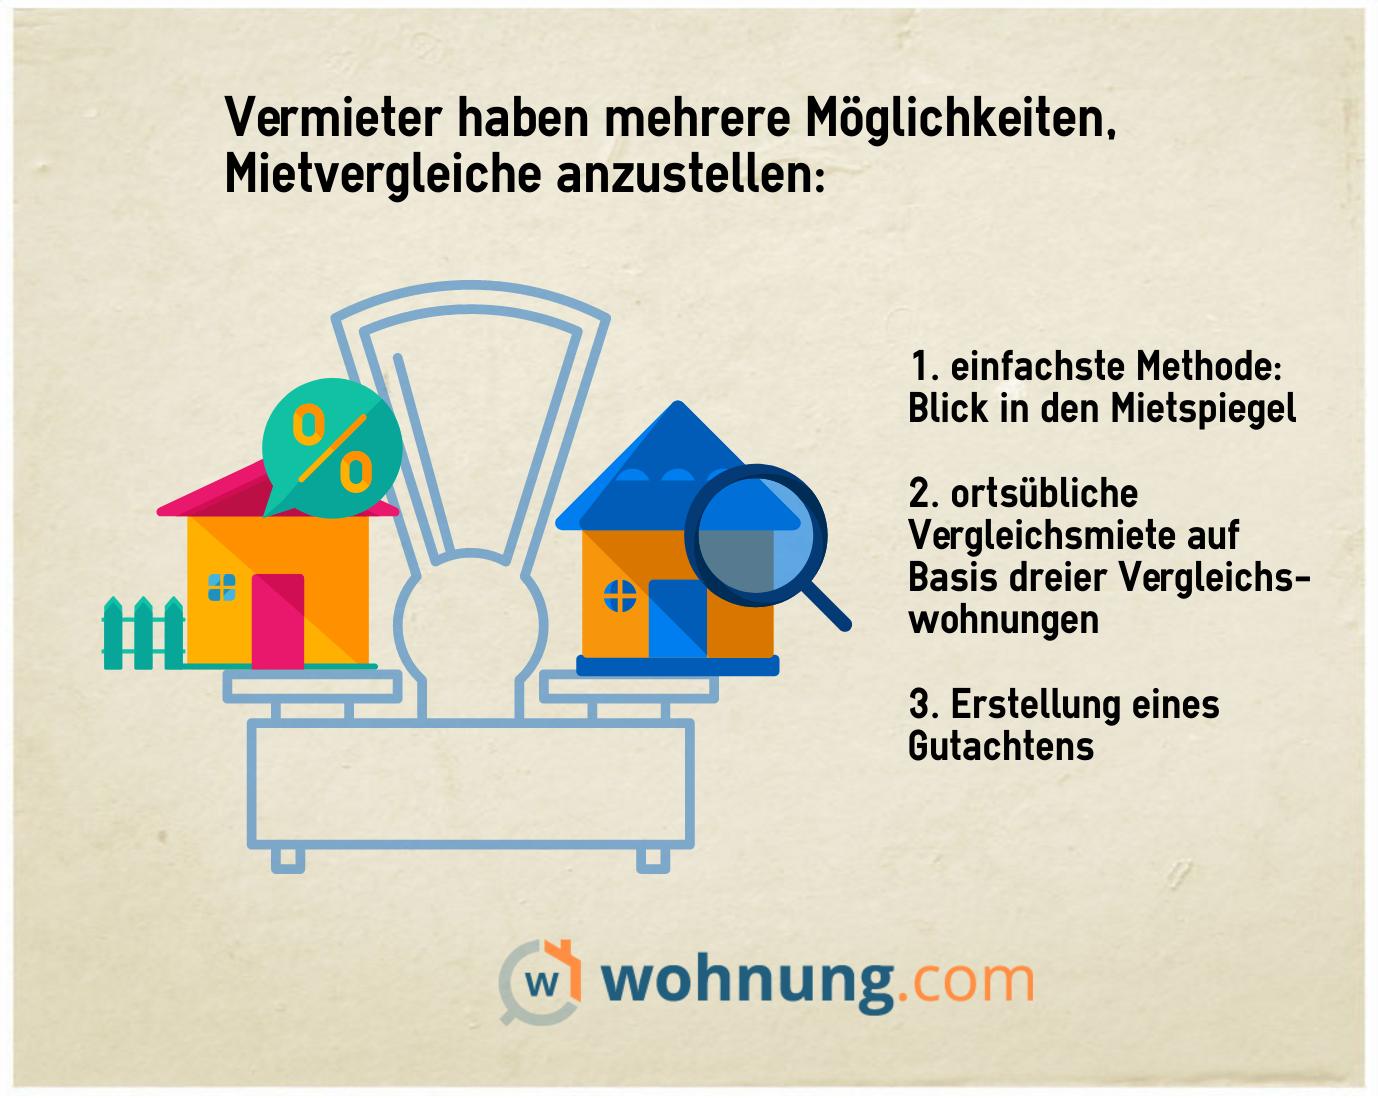 mietsteigerung rechtliche bedingungen und optionen f r vermieter ratgeber. Black Bedroom Furniture Sets. Home Design Ideas